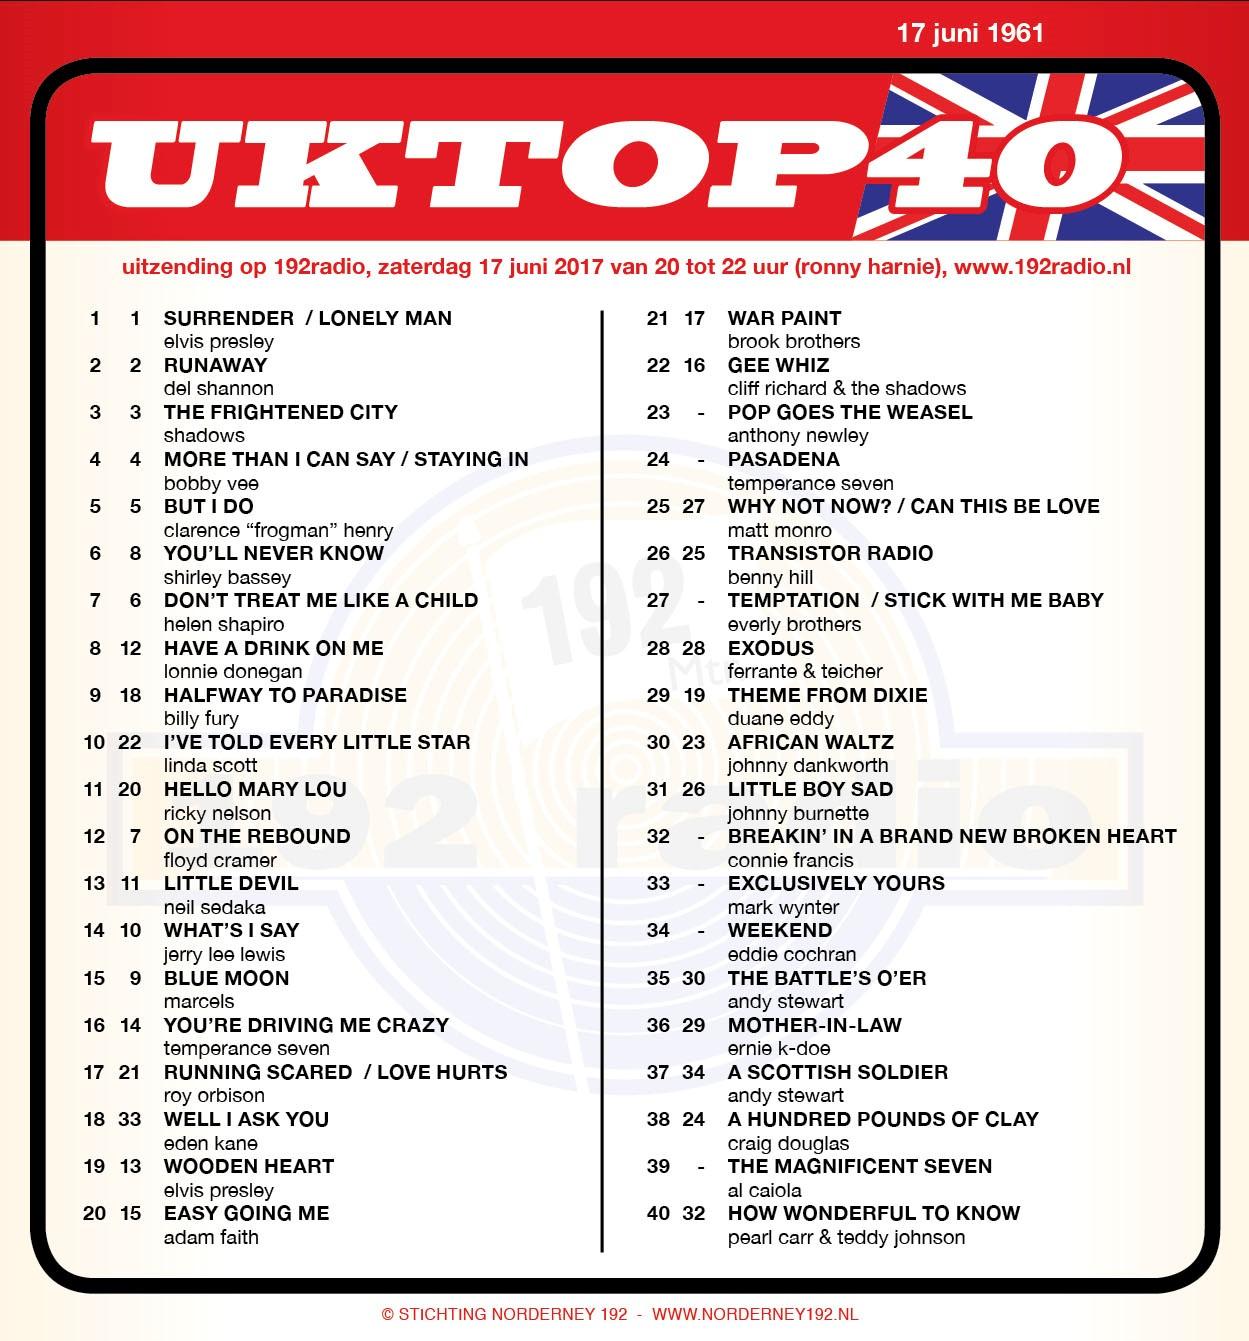 UK Top 40 lijst